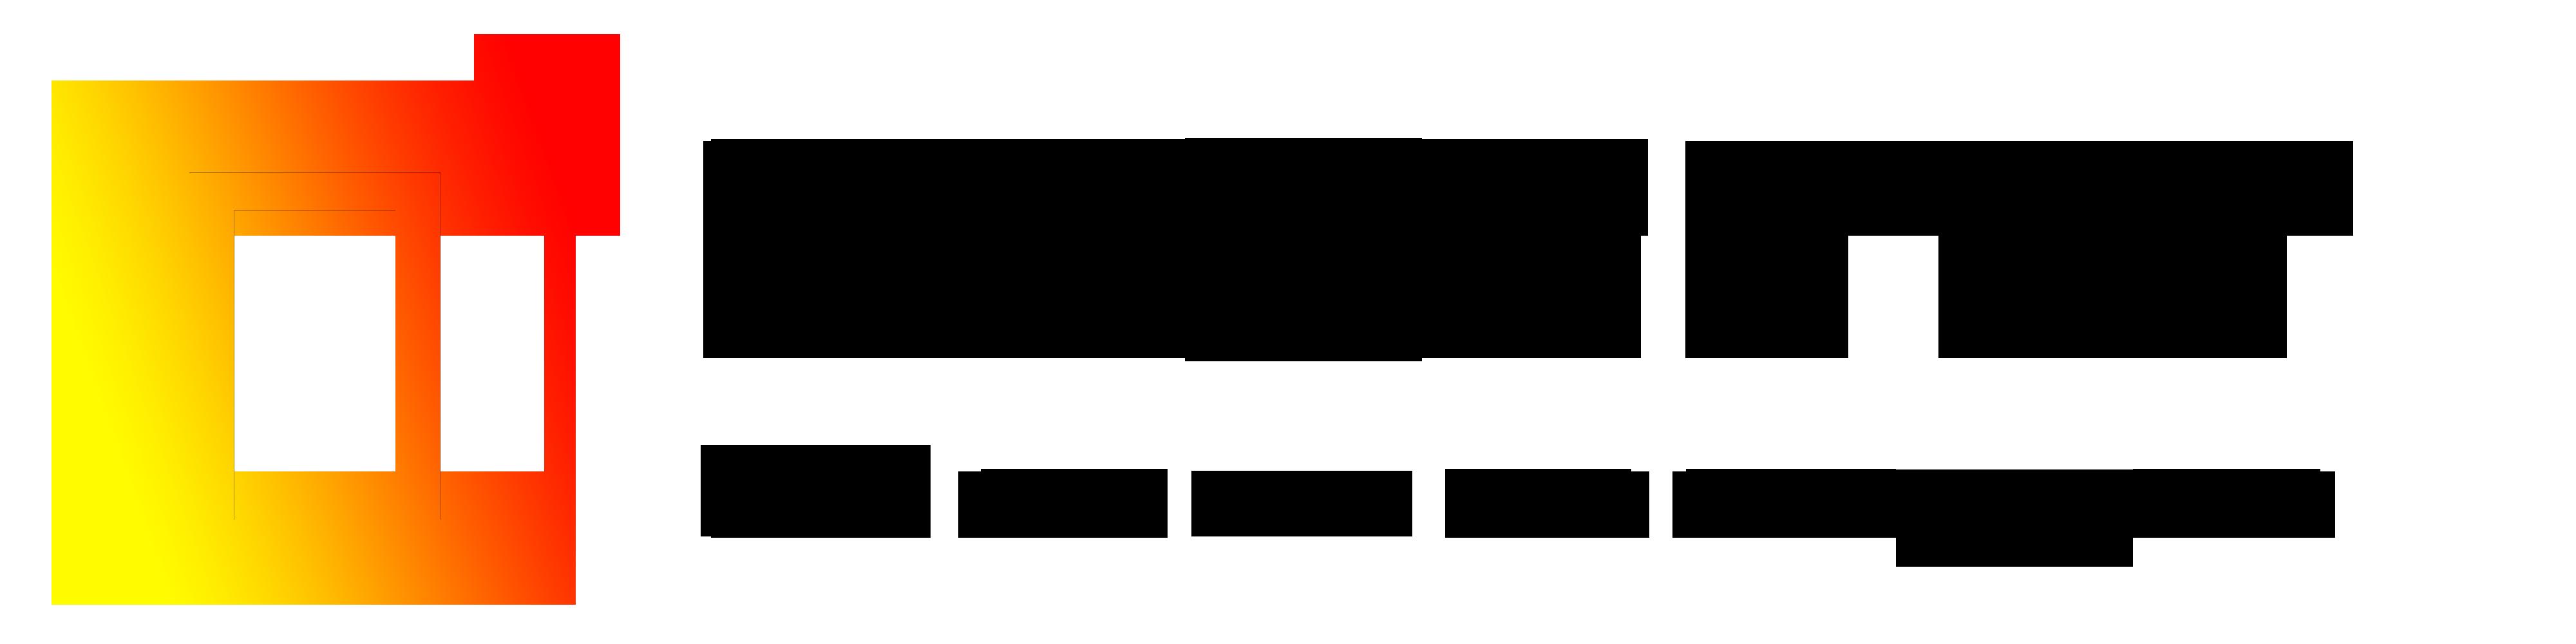 https://kg-prioritet.ru/wp-content/uploads/2021/09/kg-logo.png